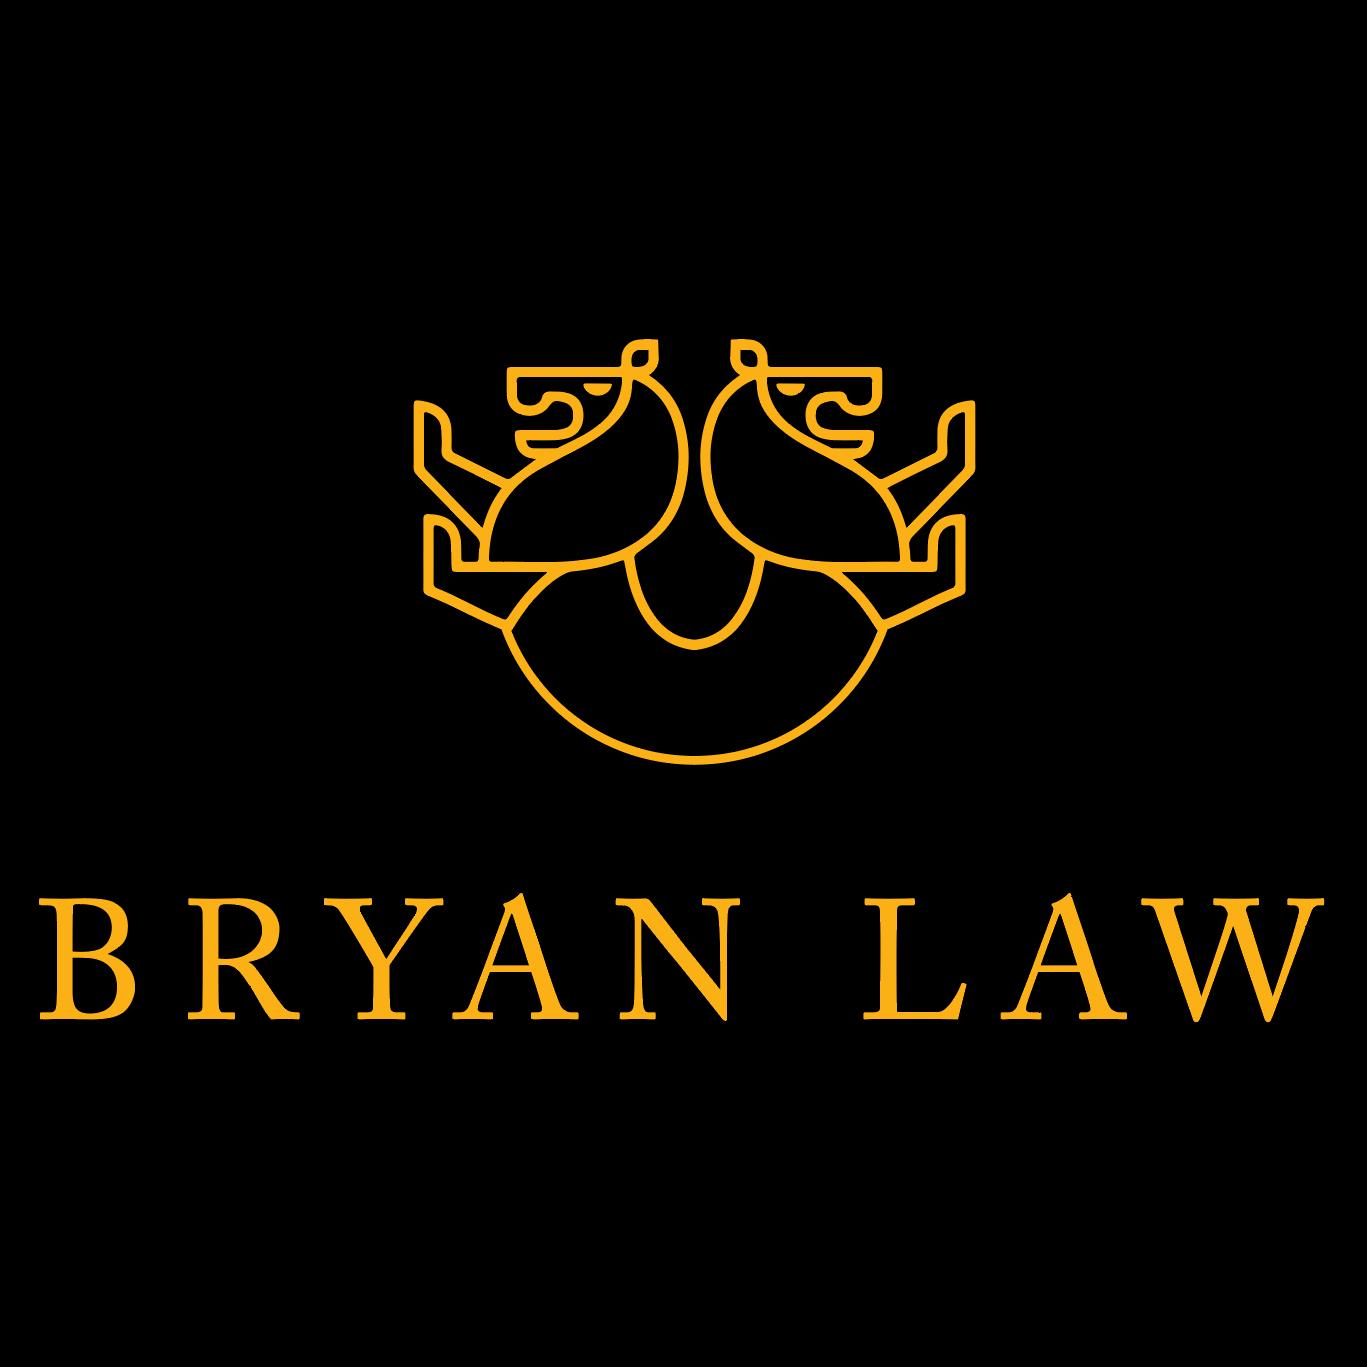 Bryan Law